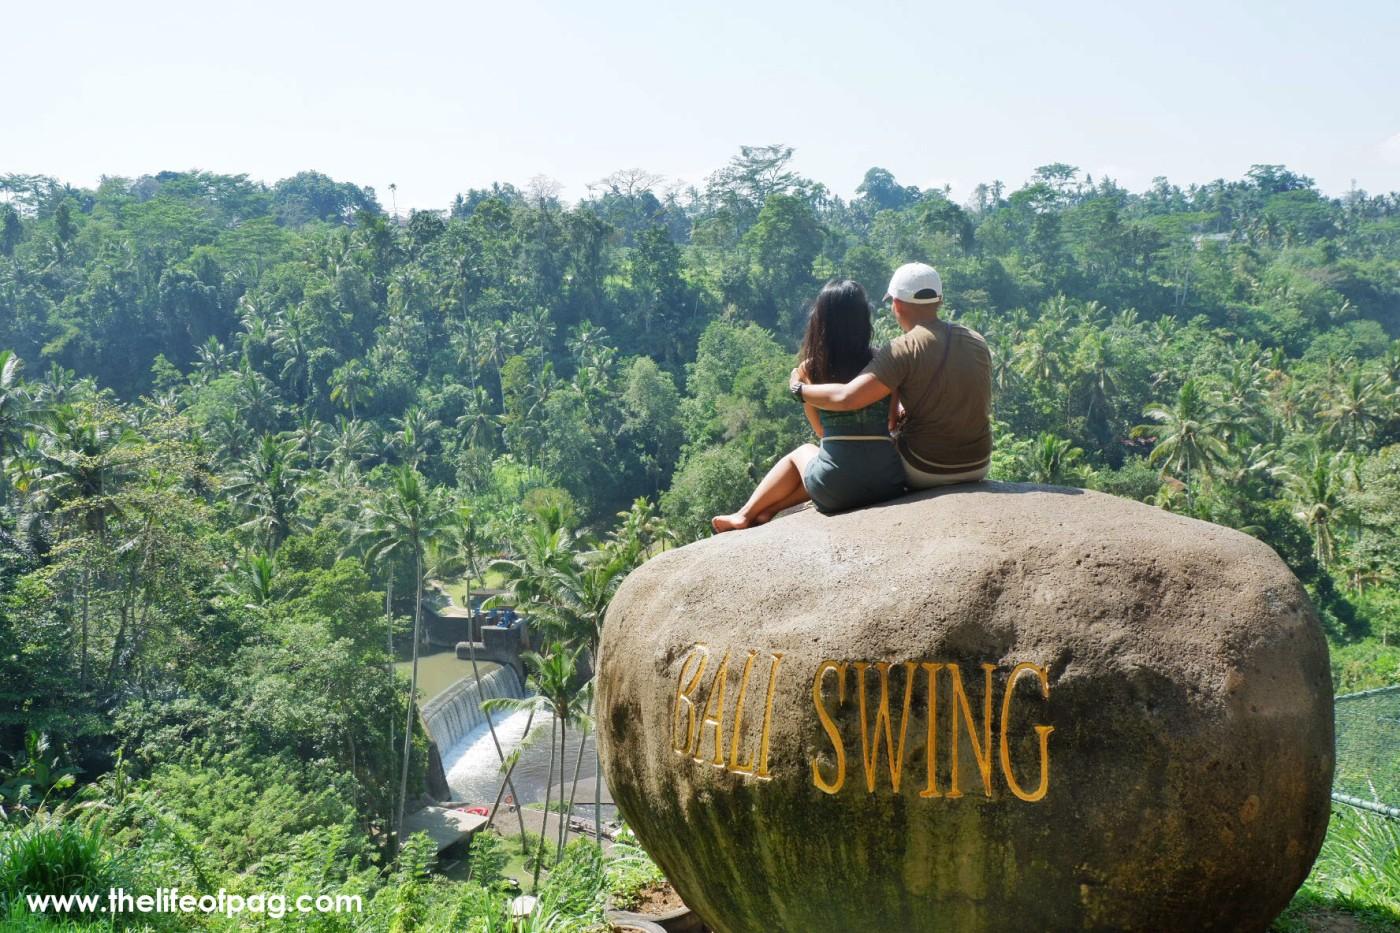 swing-191